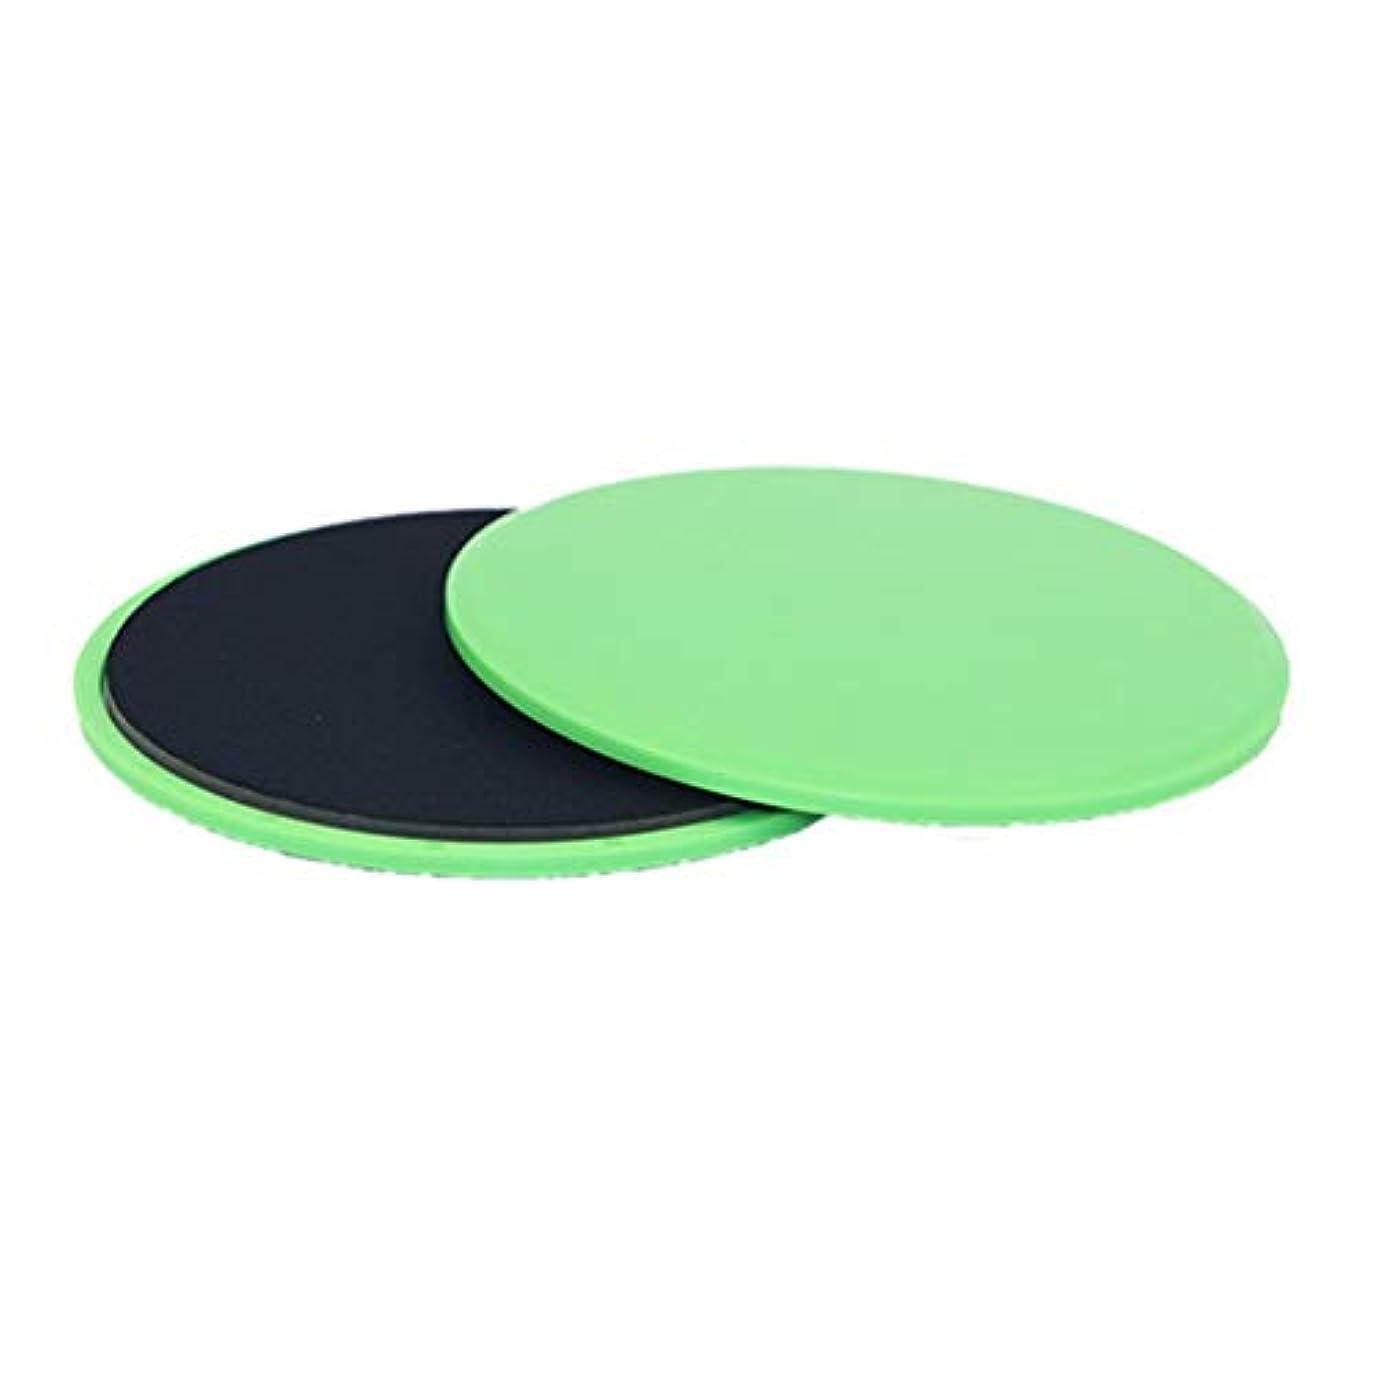 磁気るスタイルフィットネススライドグライディングディスクコーディネーション能力フィットネスエクササイズスライダーコアトレーニング用腹部と全身トレーニング - グリーン